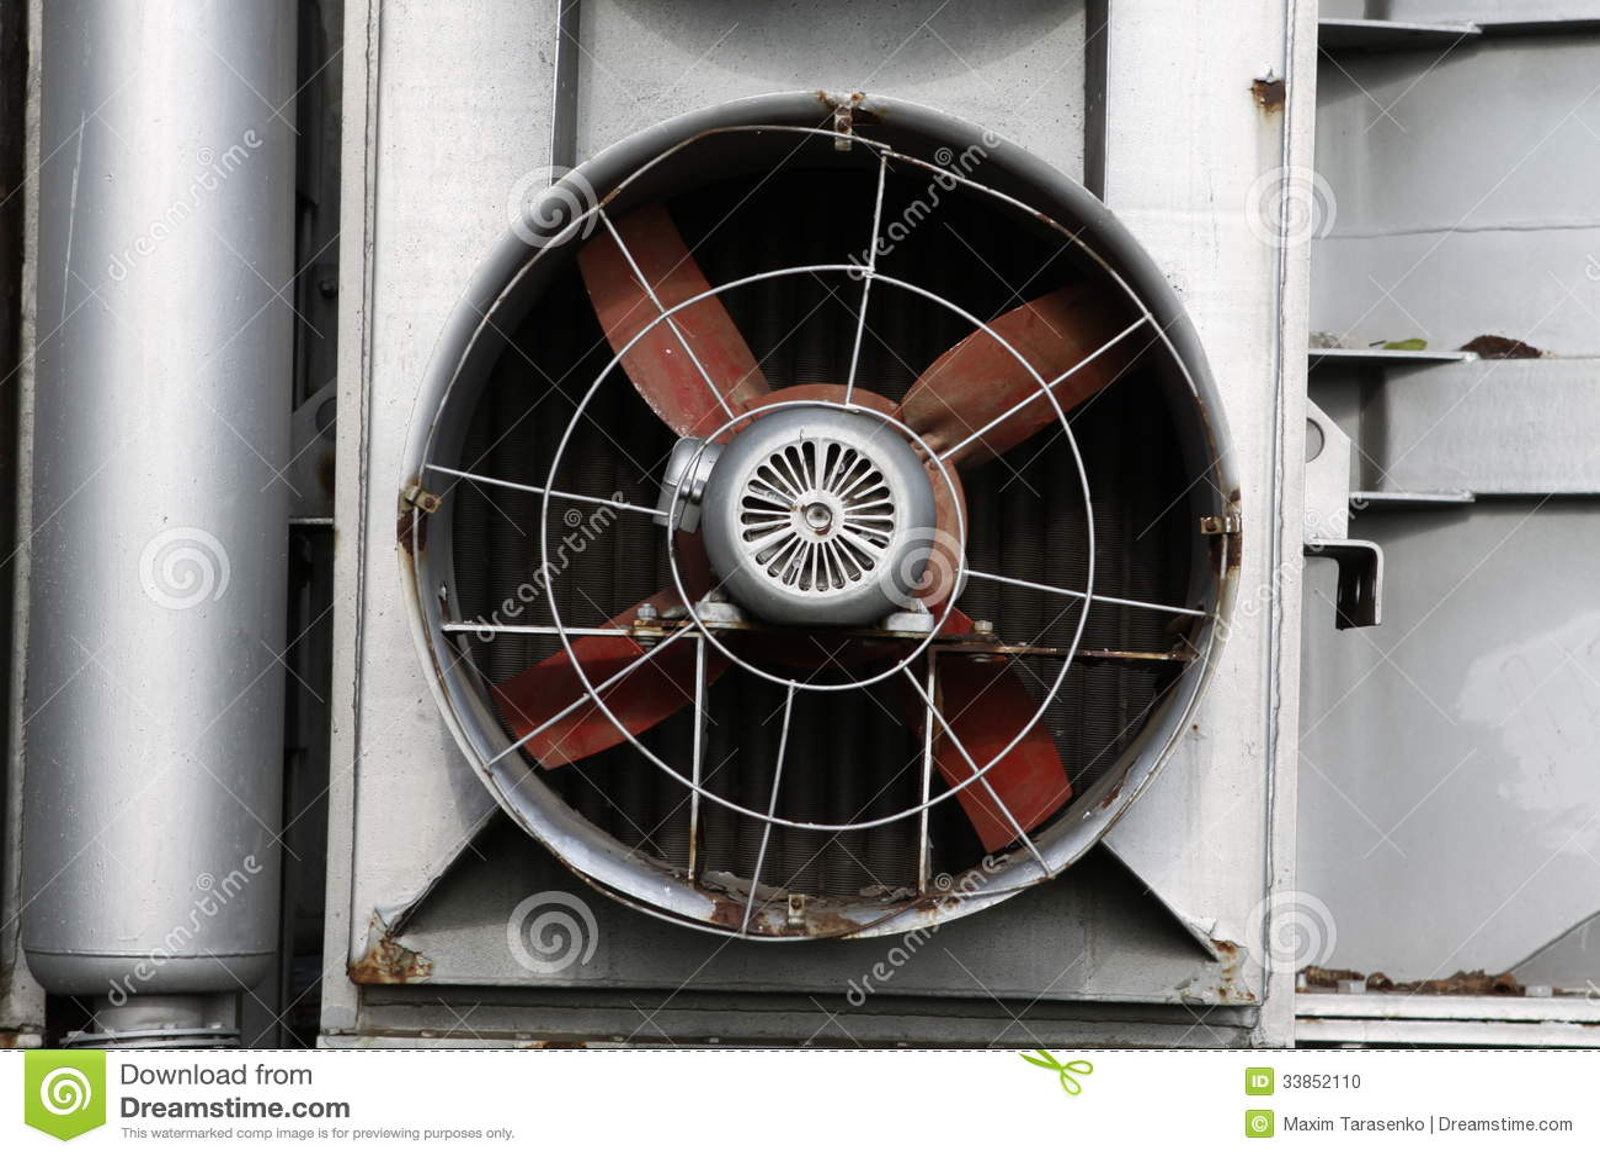 Large industrial fan in the power ventilator. #82A328